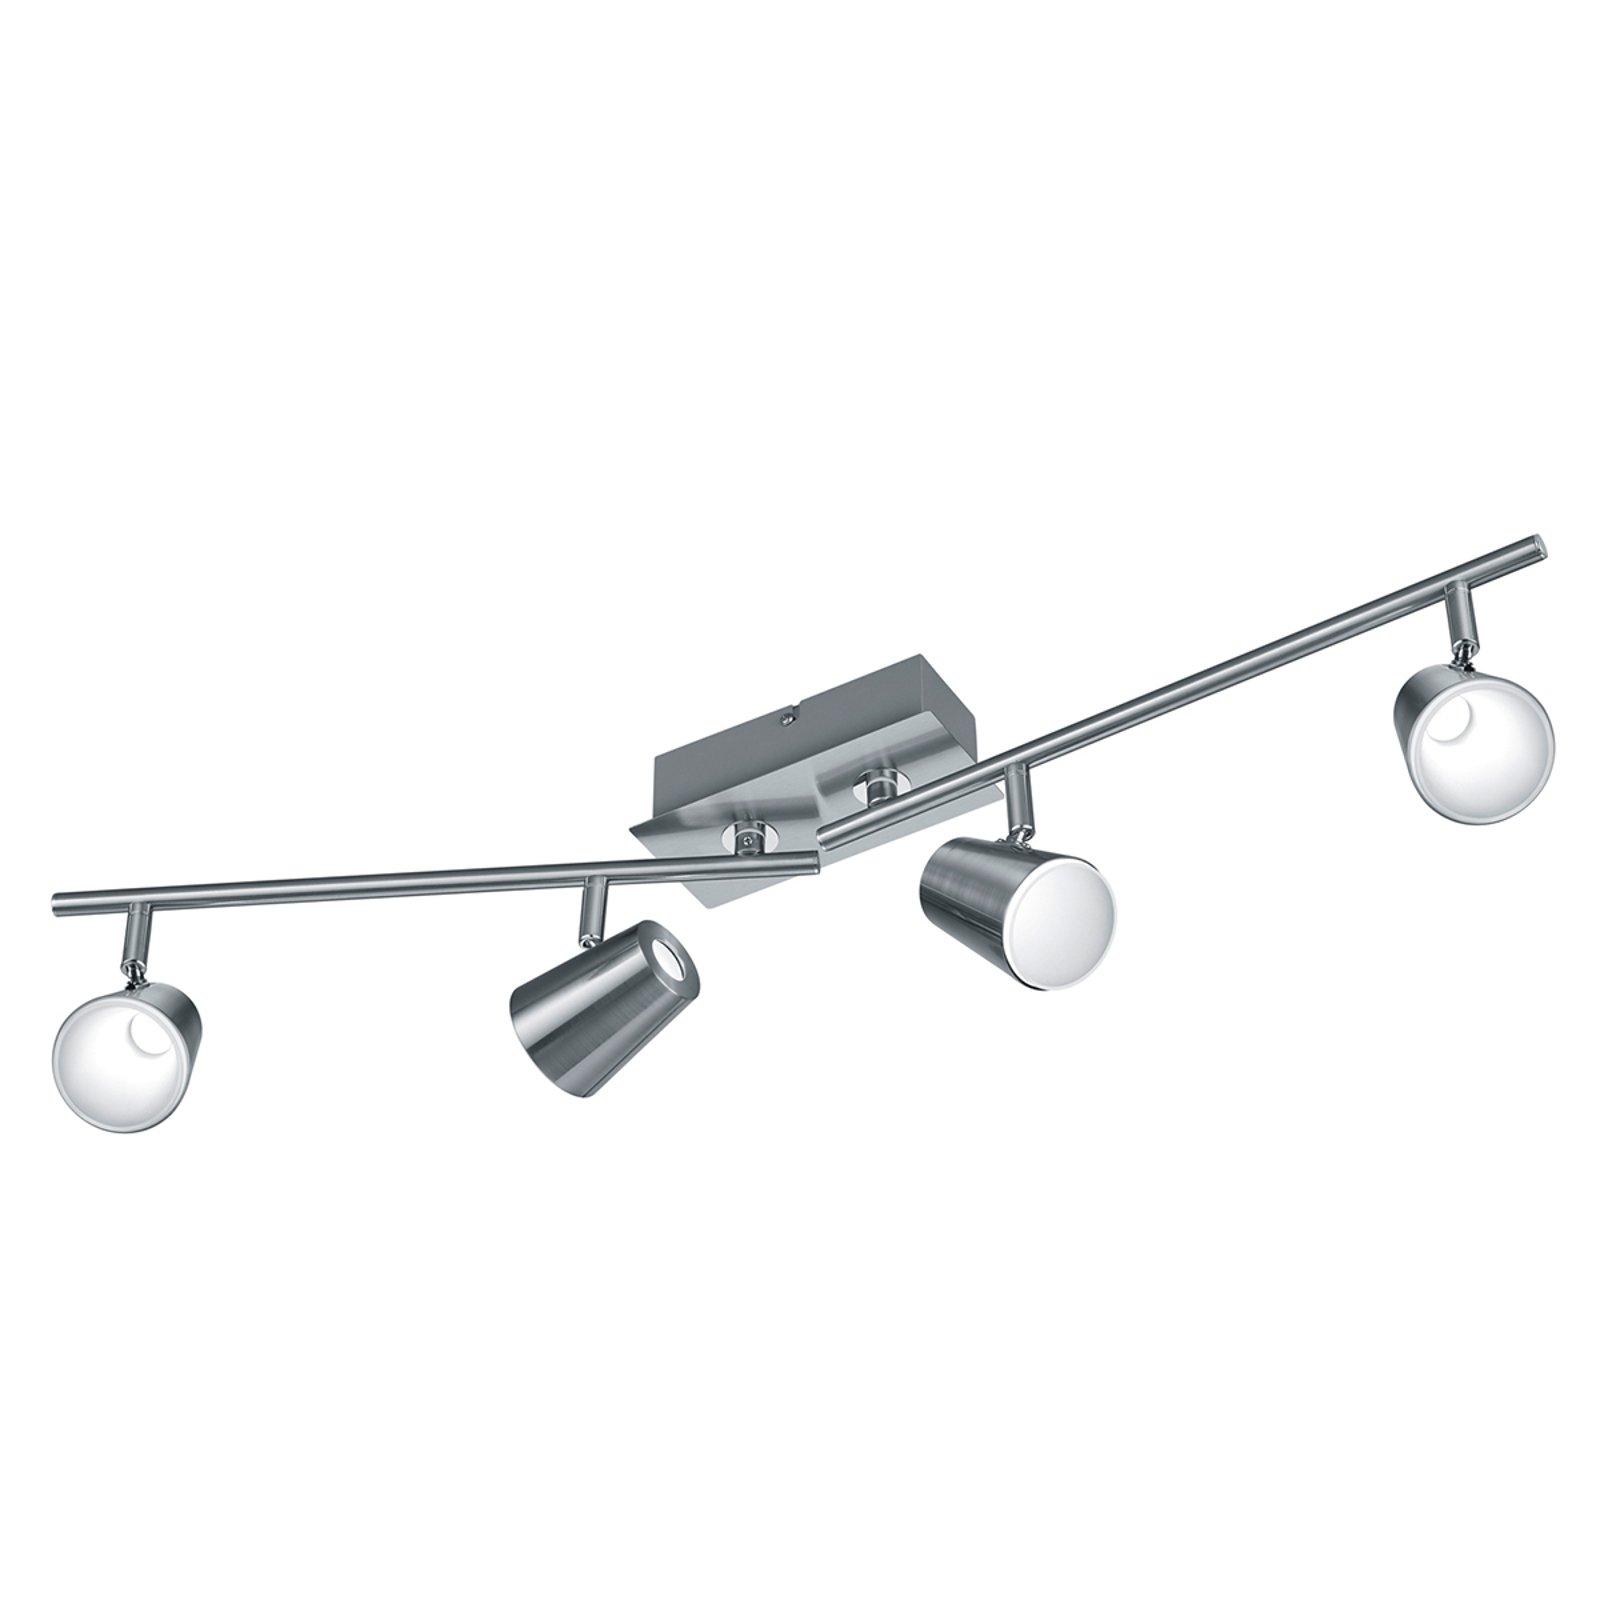 Moderne designet LED-taklampe Narcos 4 lyskilder